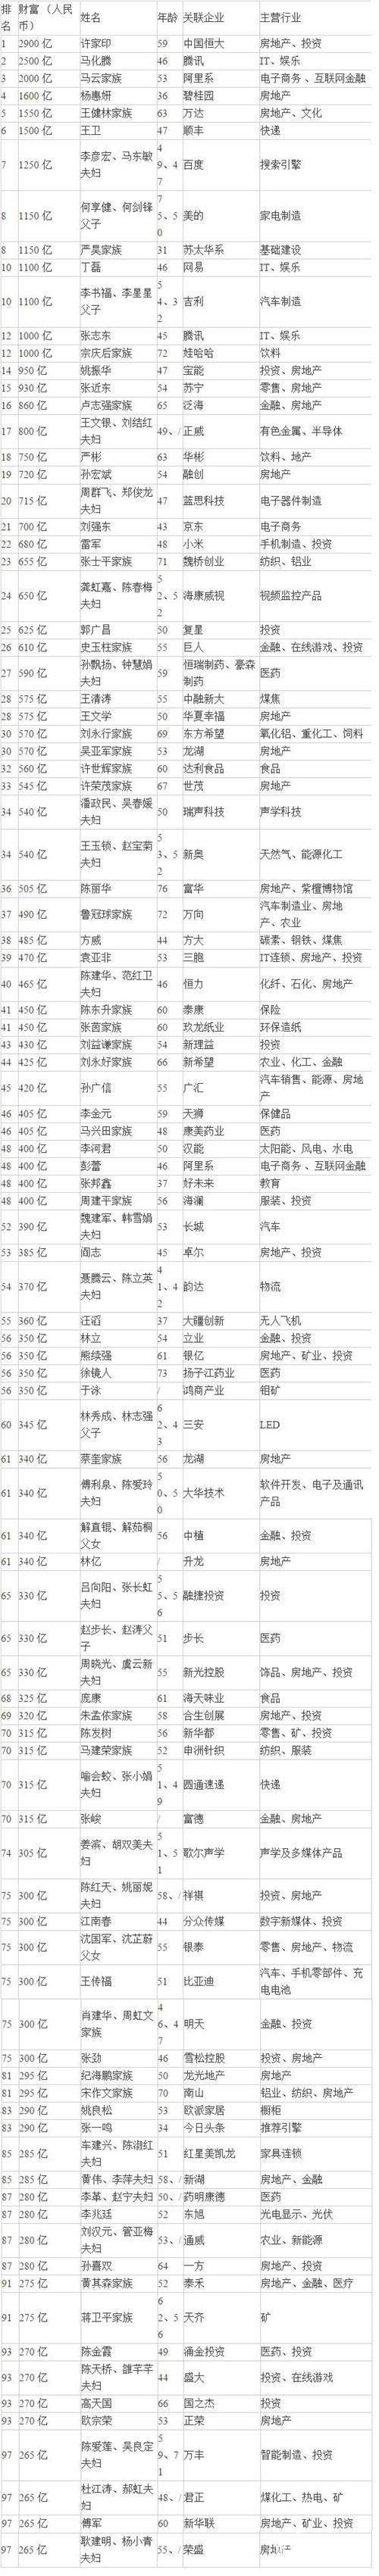 2017胡润百富榜:许家印中国首富 113名山东富豪入围